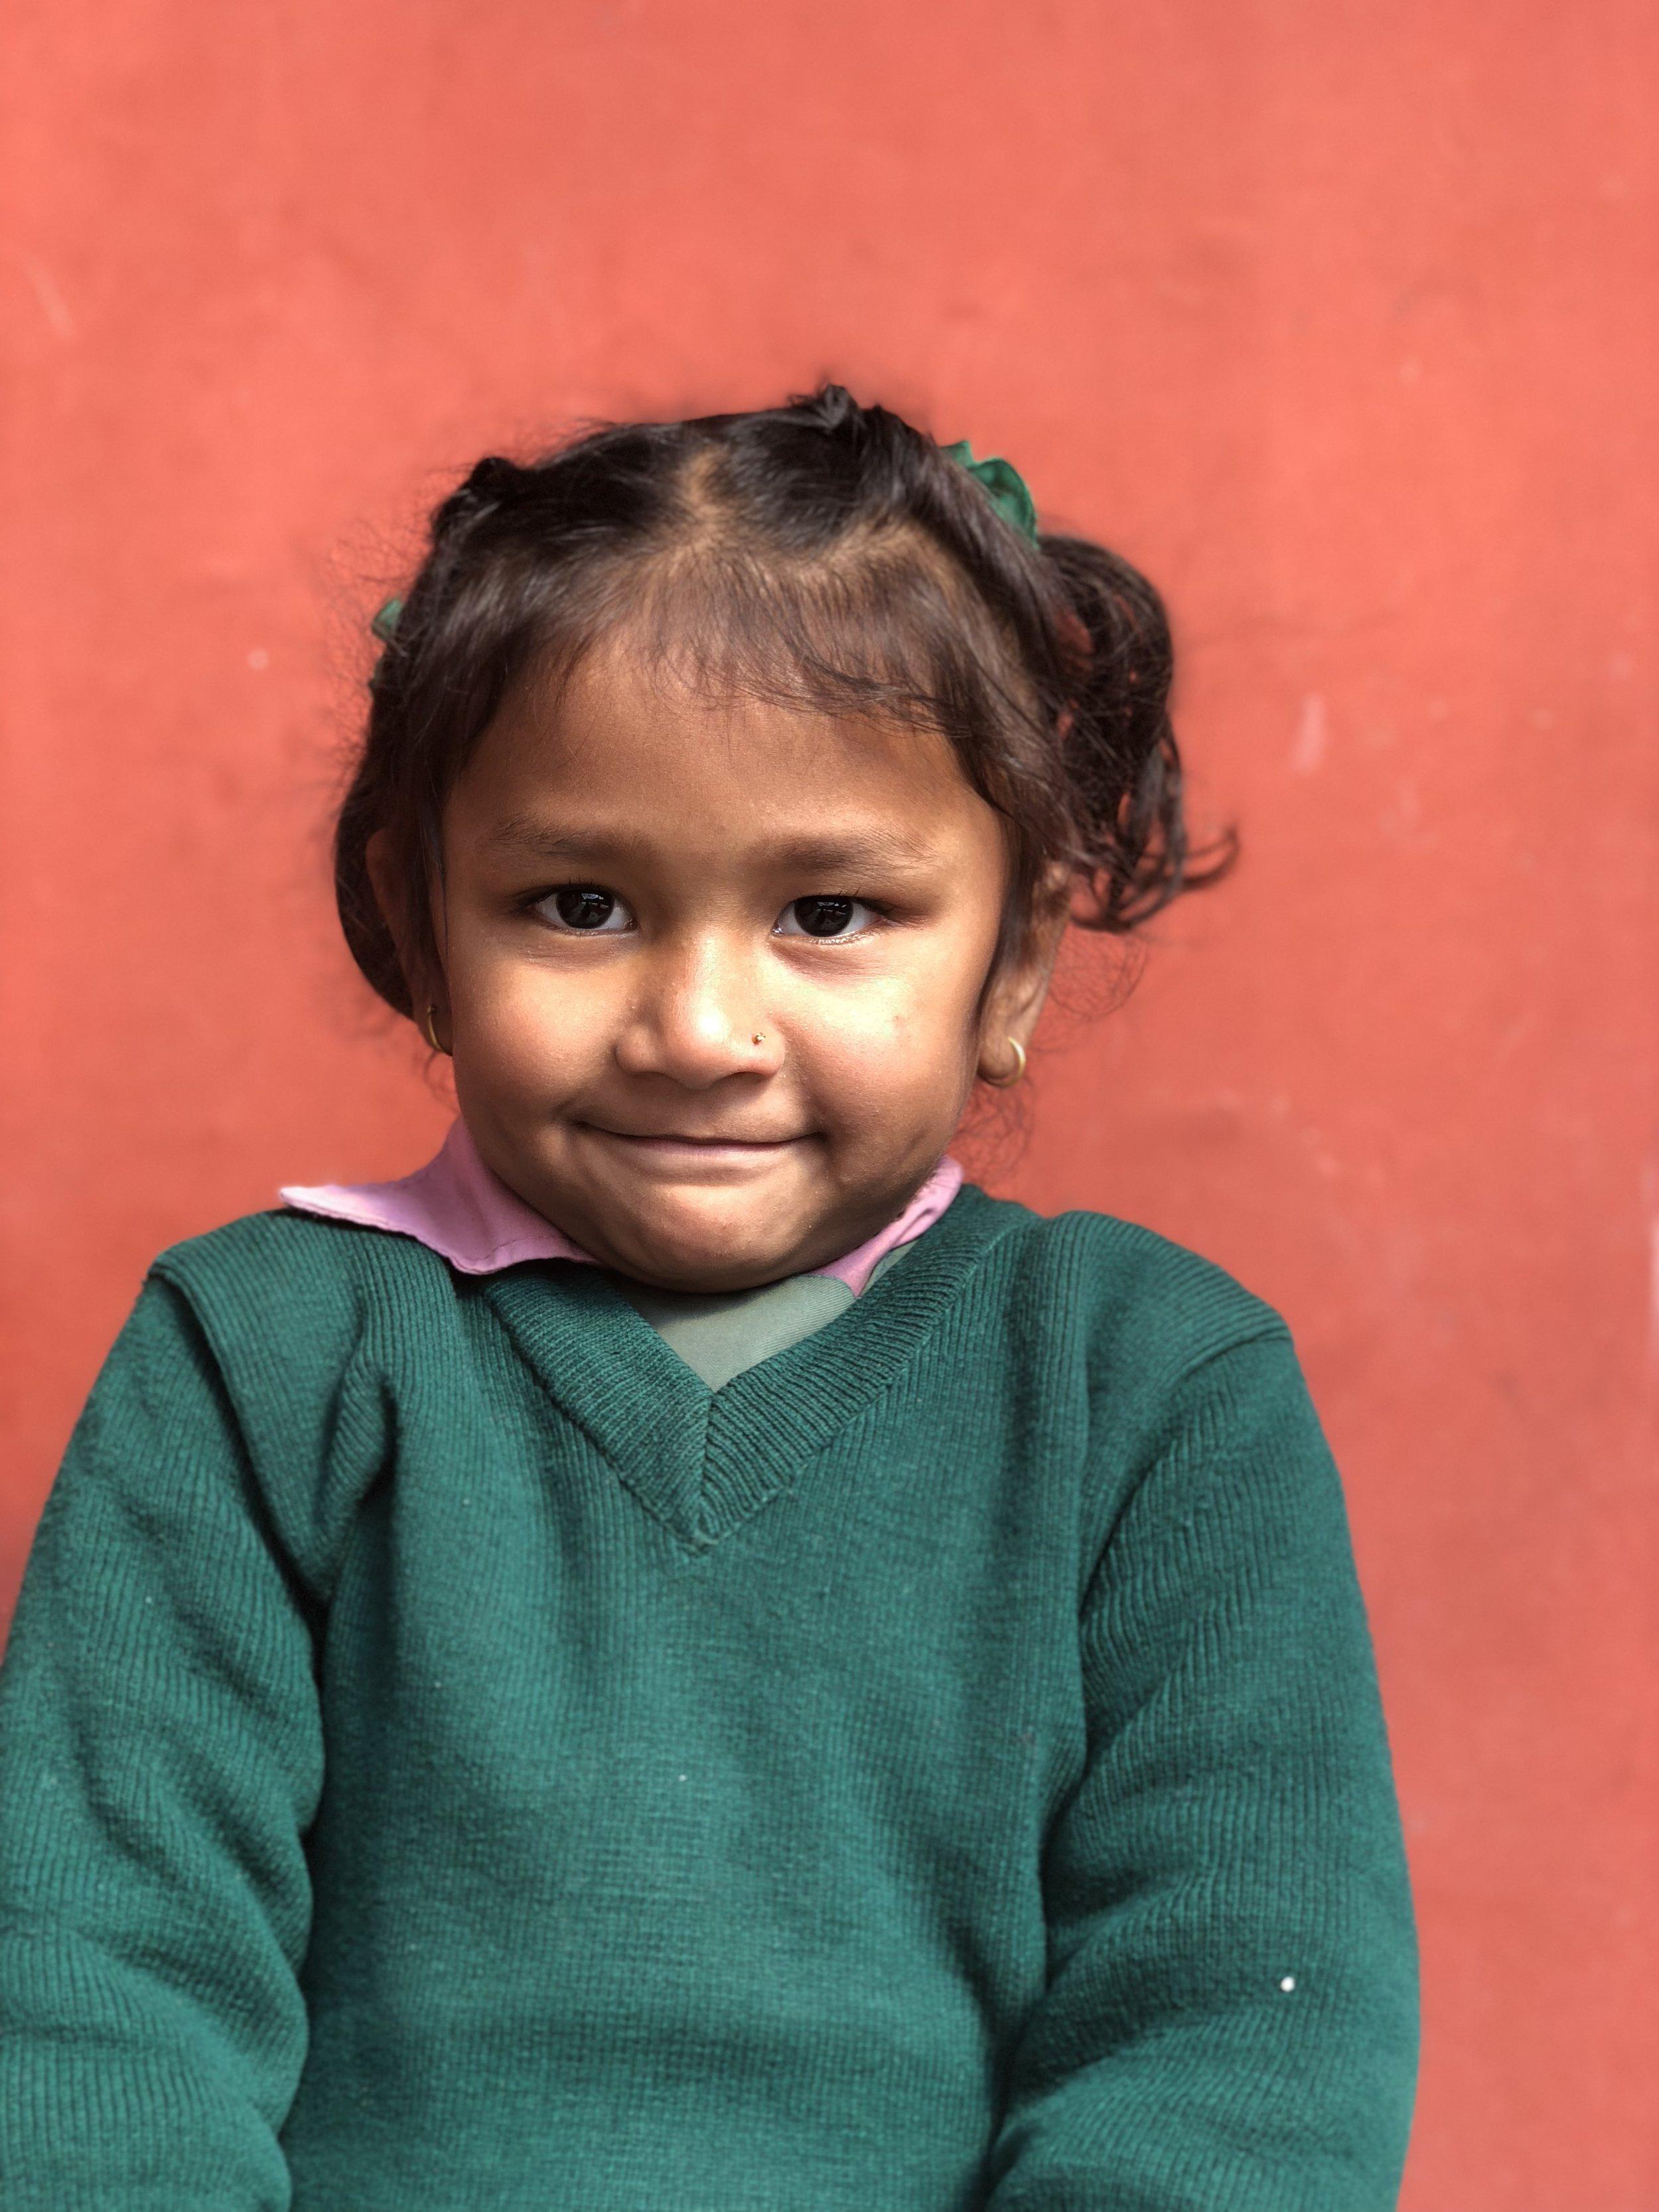 Rashmita  Age 4  She likes to eat guava